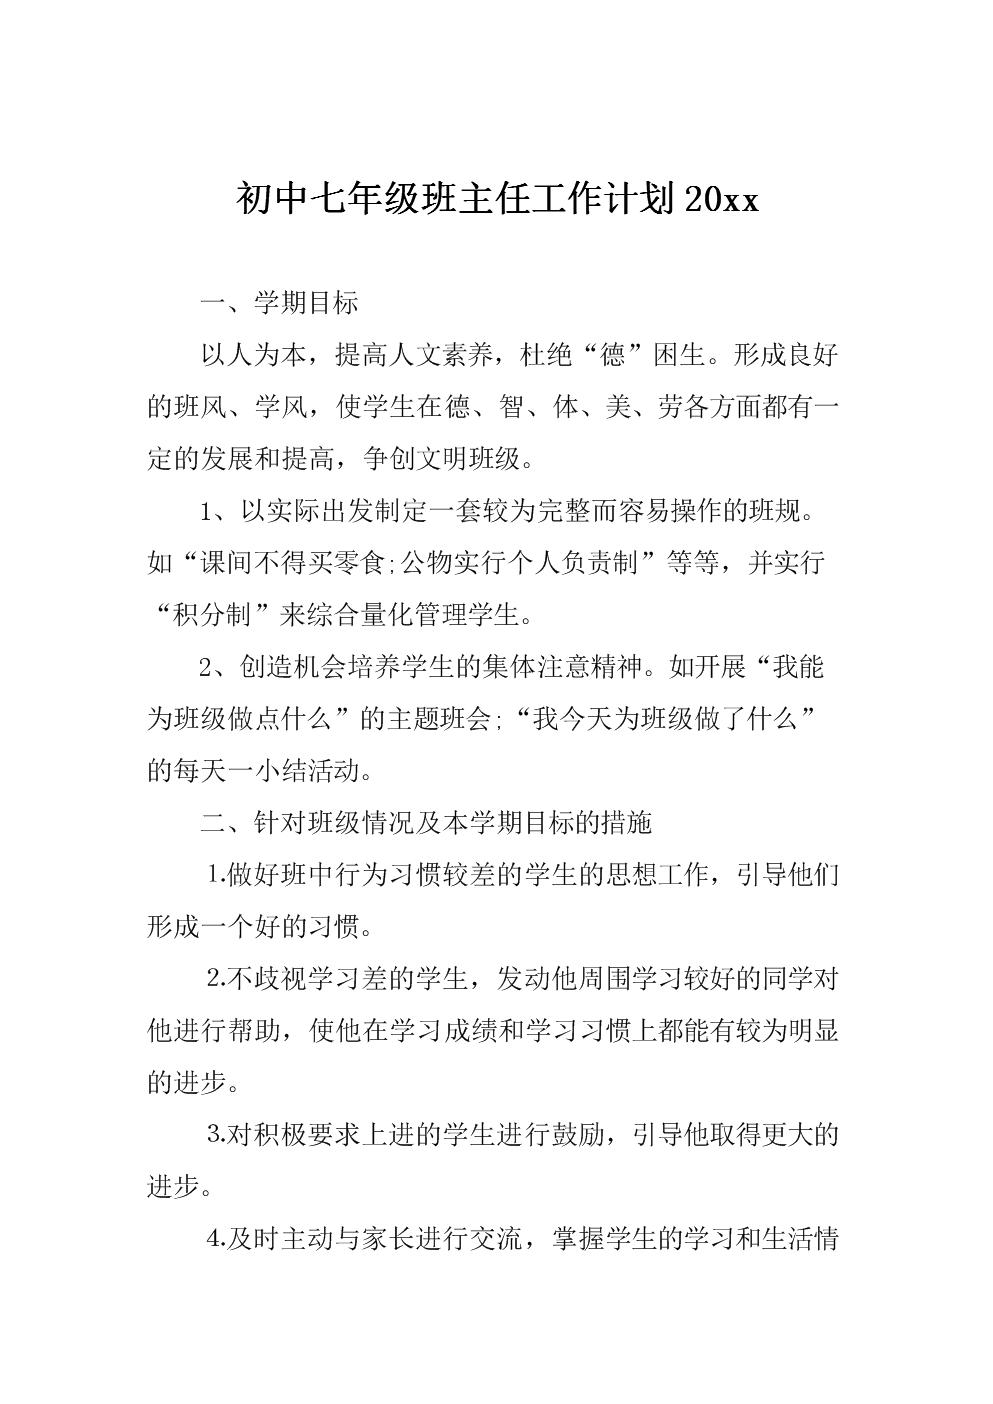 初中七年级班主任工作计划.doc